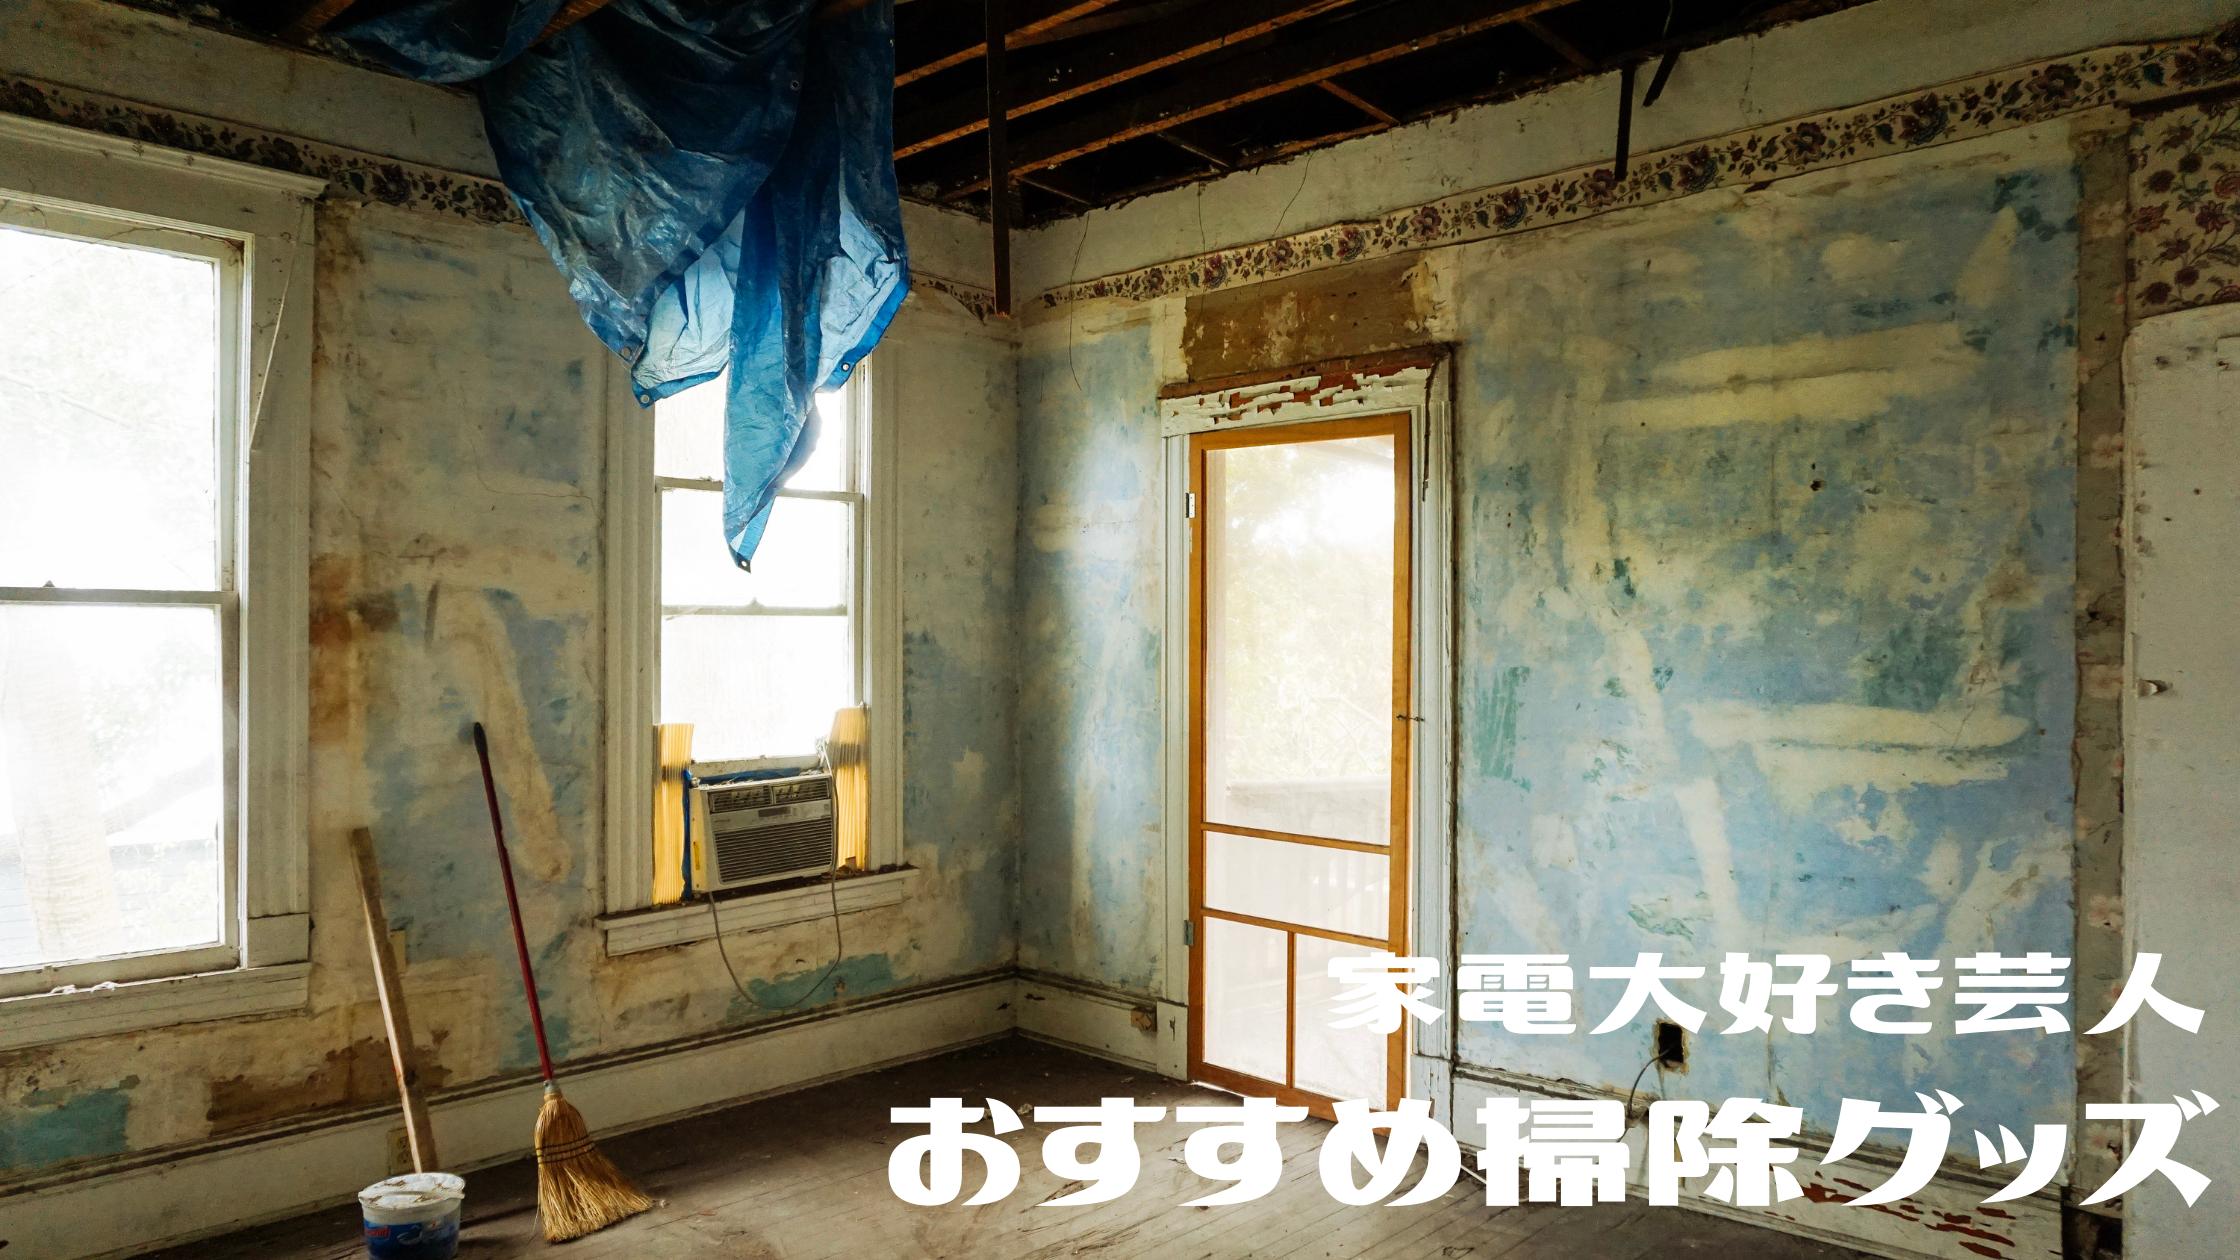 【メレンゲの気持ち】麒麟 川島さん【お気に入り掃除グッズ】